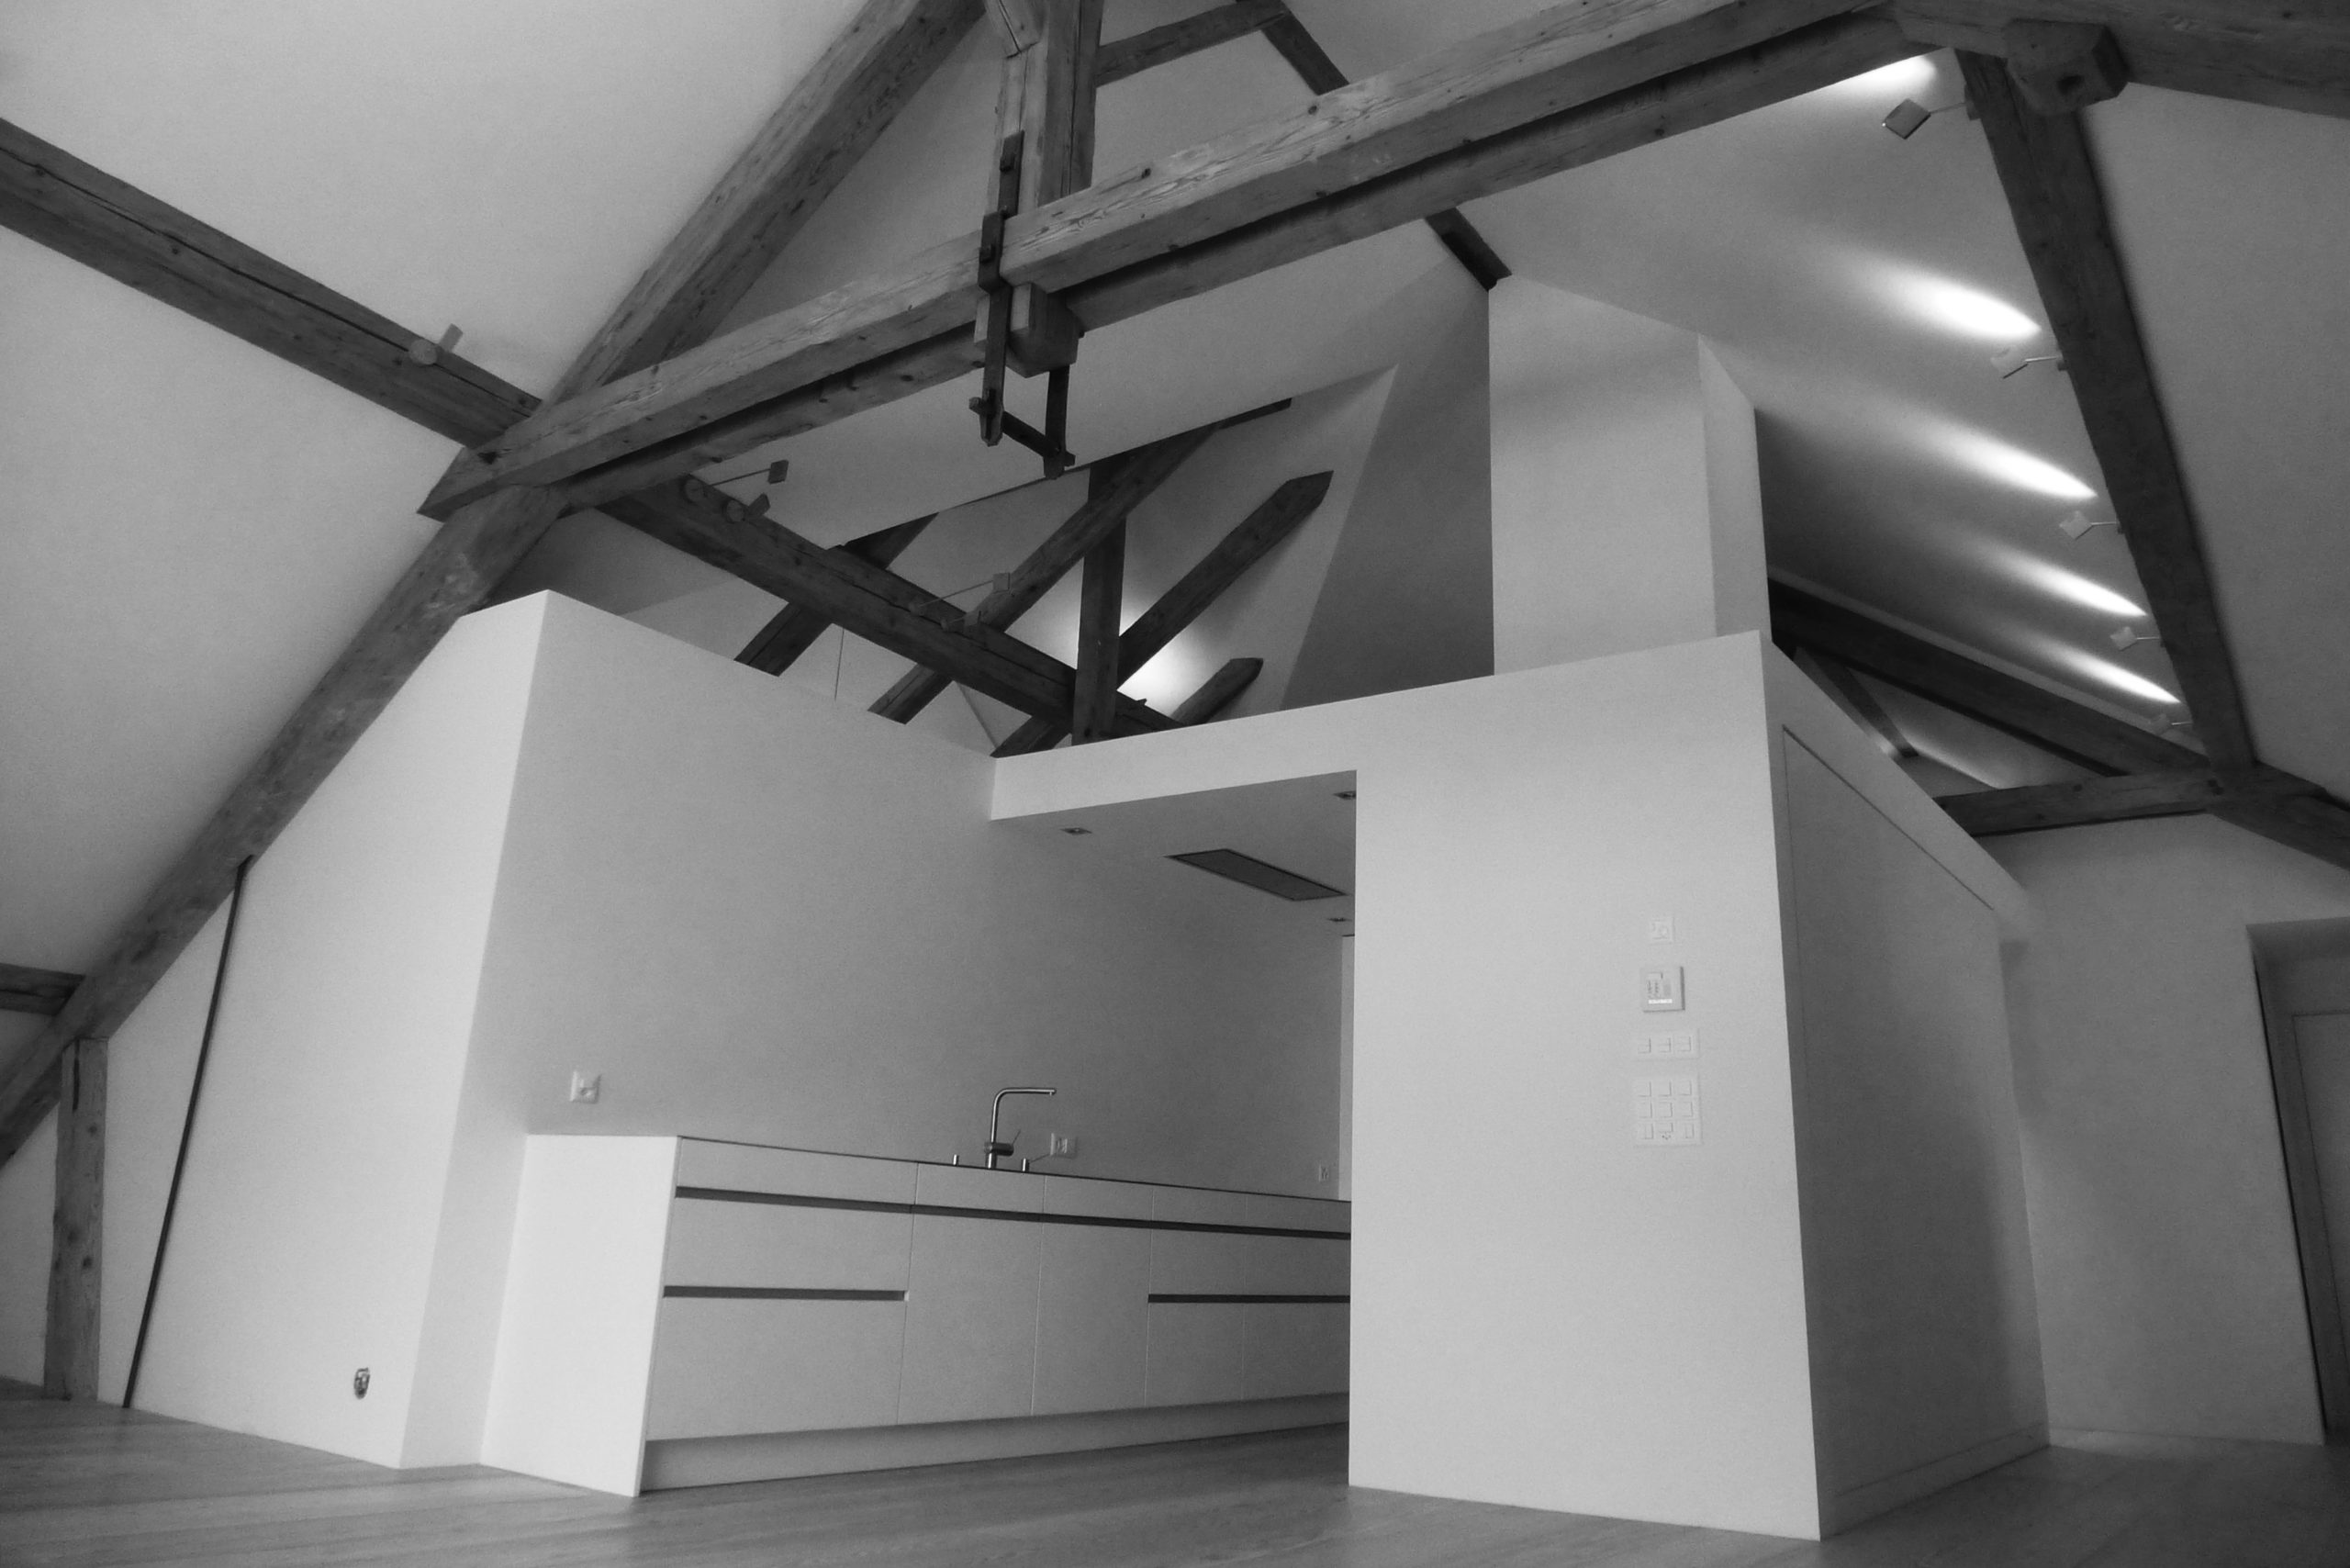 Umbau und Sanierung Wohnhaus mit Ausbau Dachstock